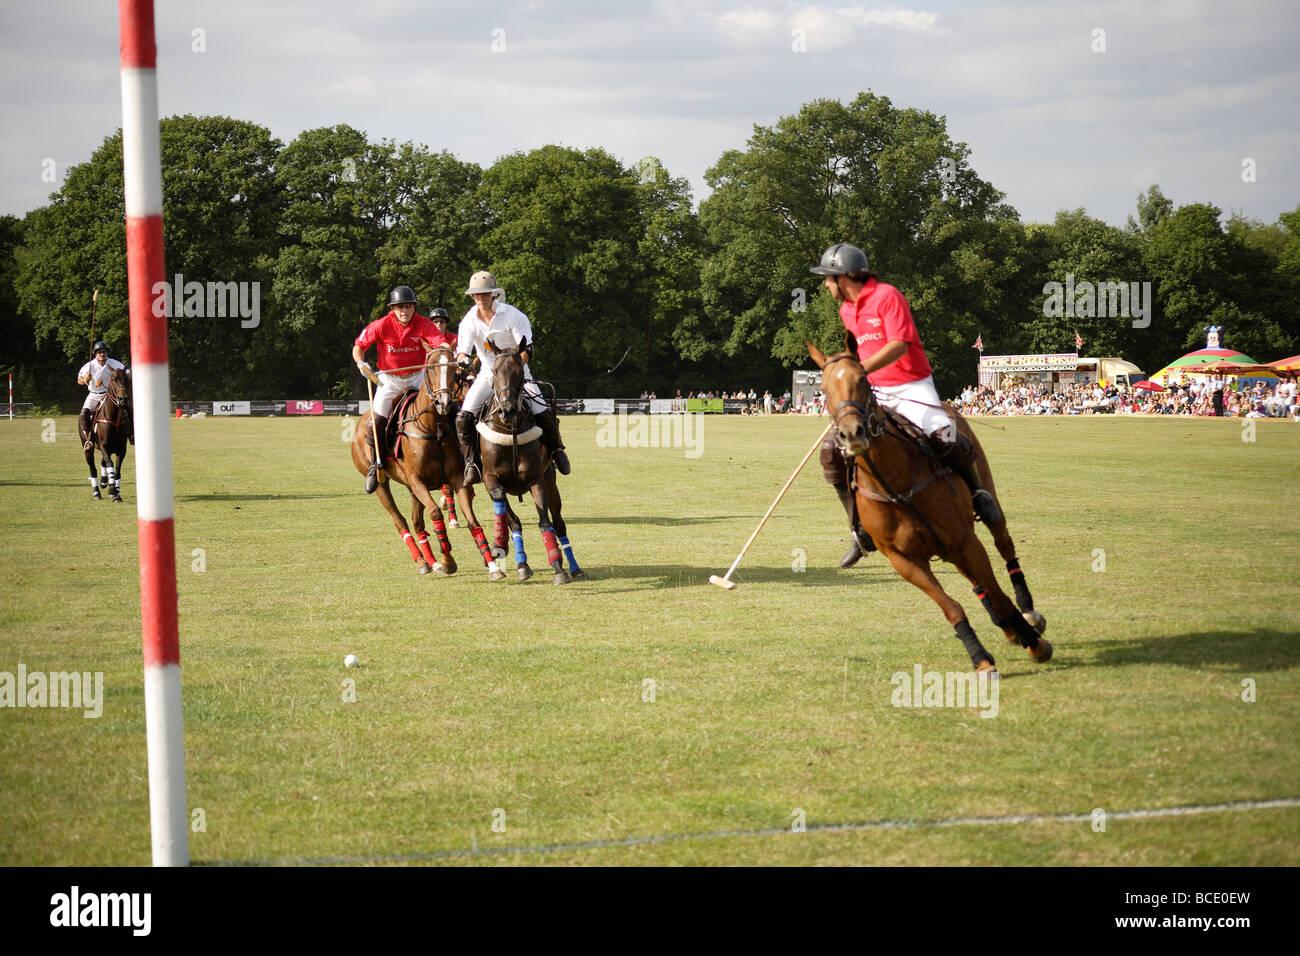 Partido de Polo,disparo a portería exterior búsqueda de verano,Inglaterra vs Argentina Imagen De Stock